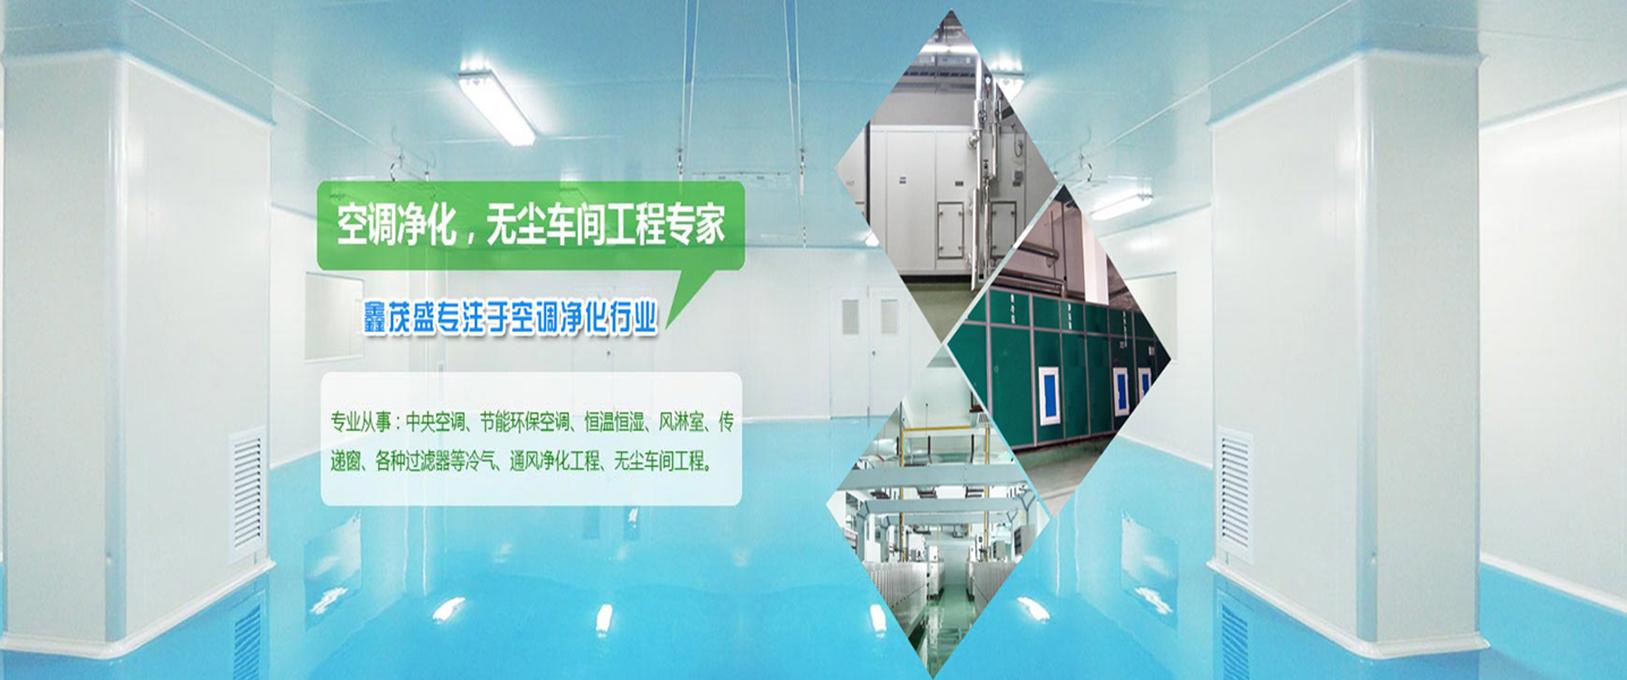 惠州净化车间工程